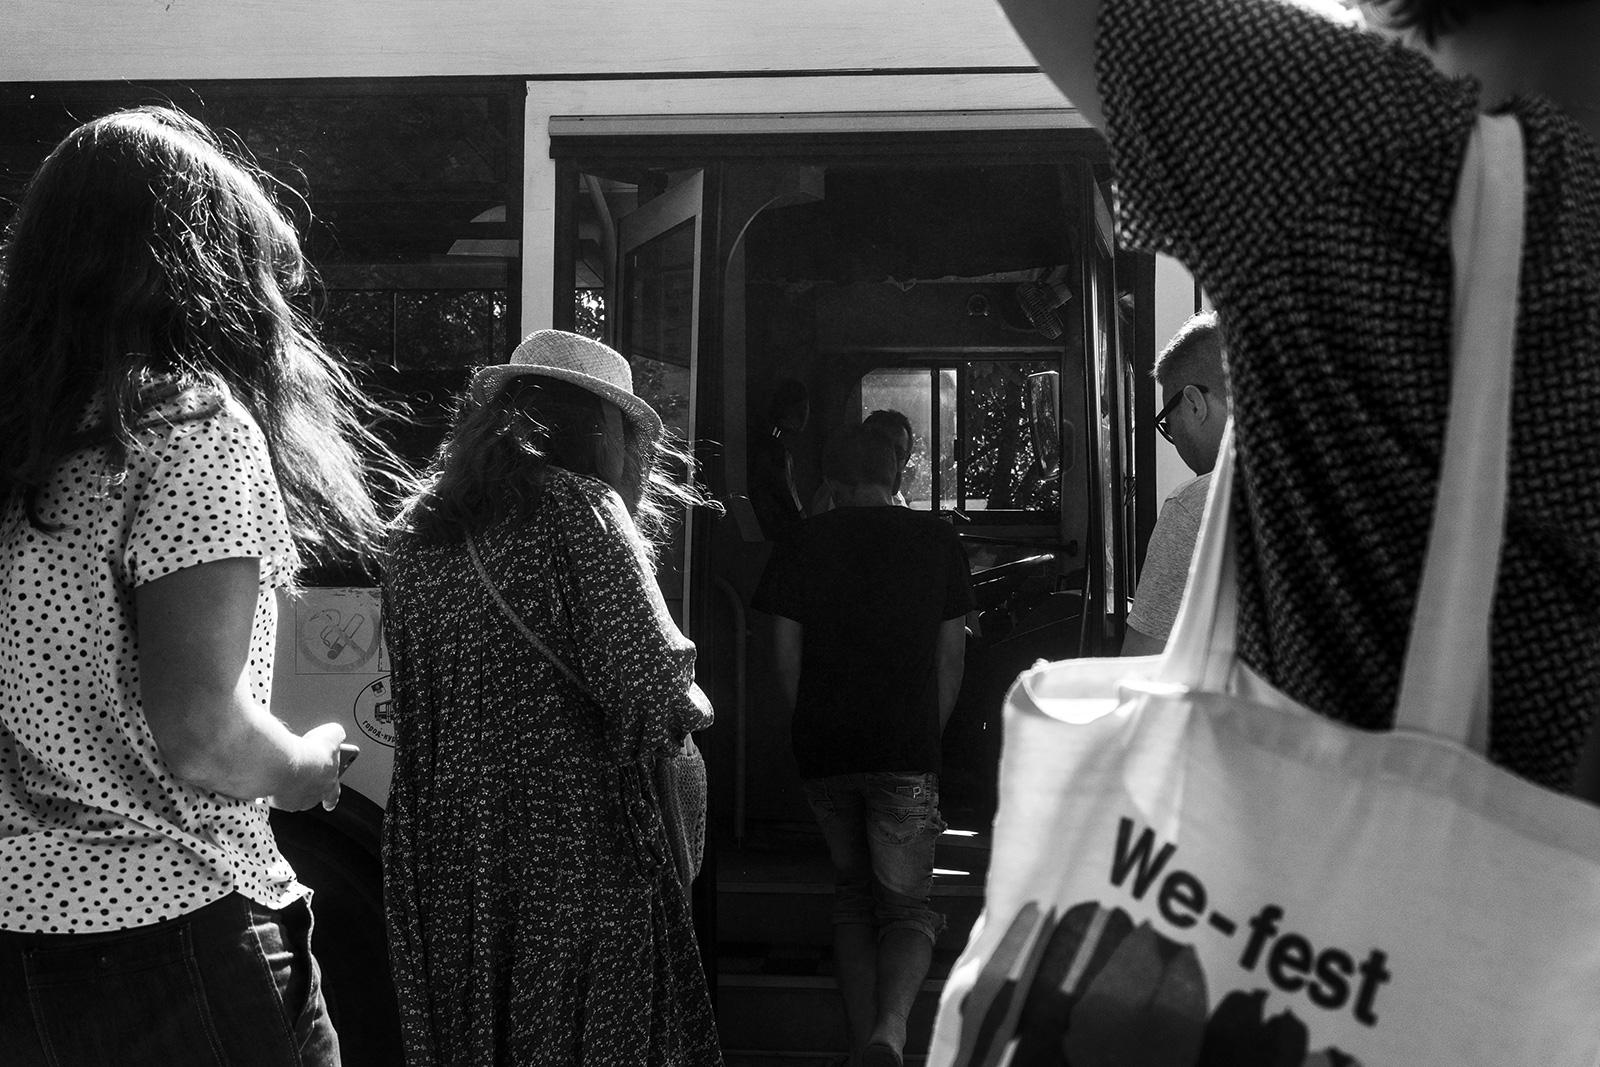 Фотографии: Евгений Гаркуша. Геленджик, Краснодарский край, 2019 г. Photos: Eugeniy Garkusha. Gelendzhik, Krasnodar region, 2019